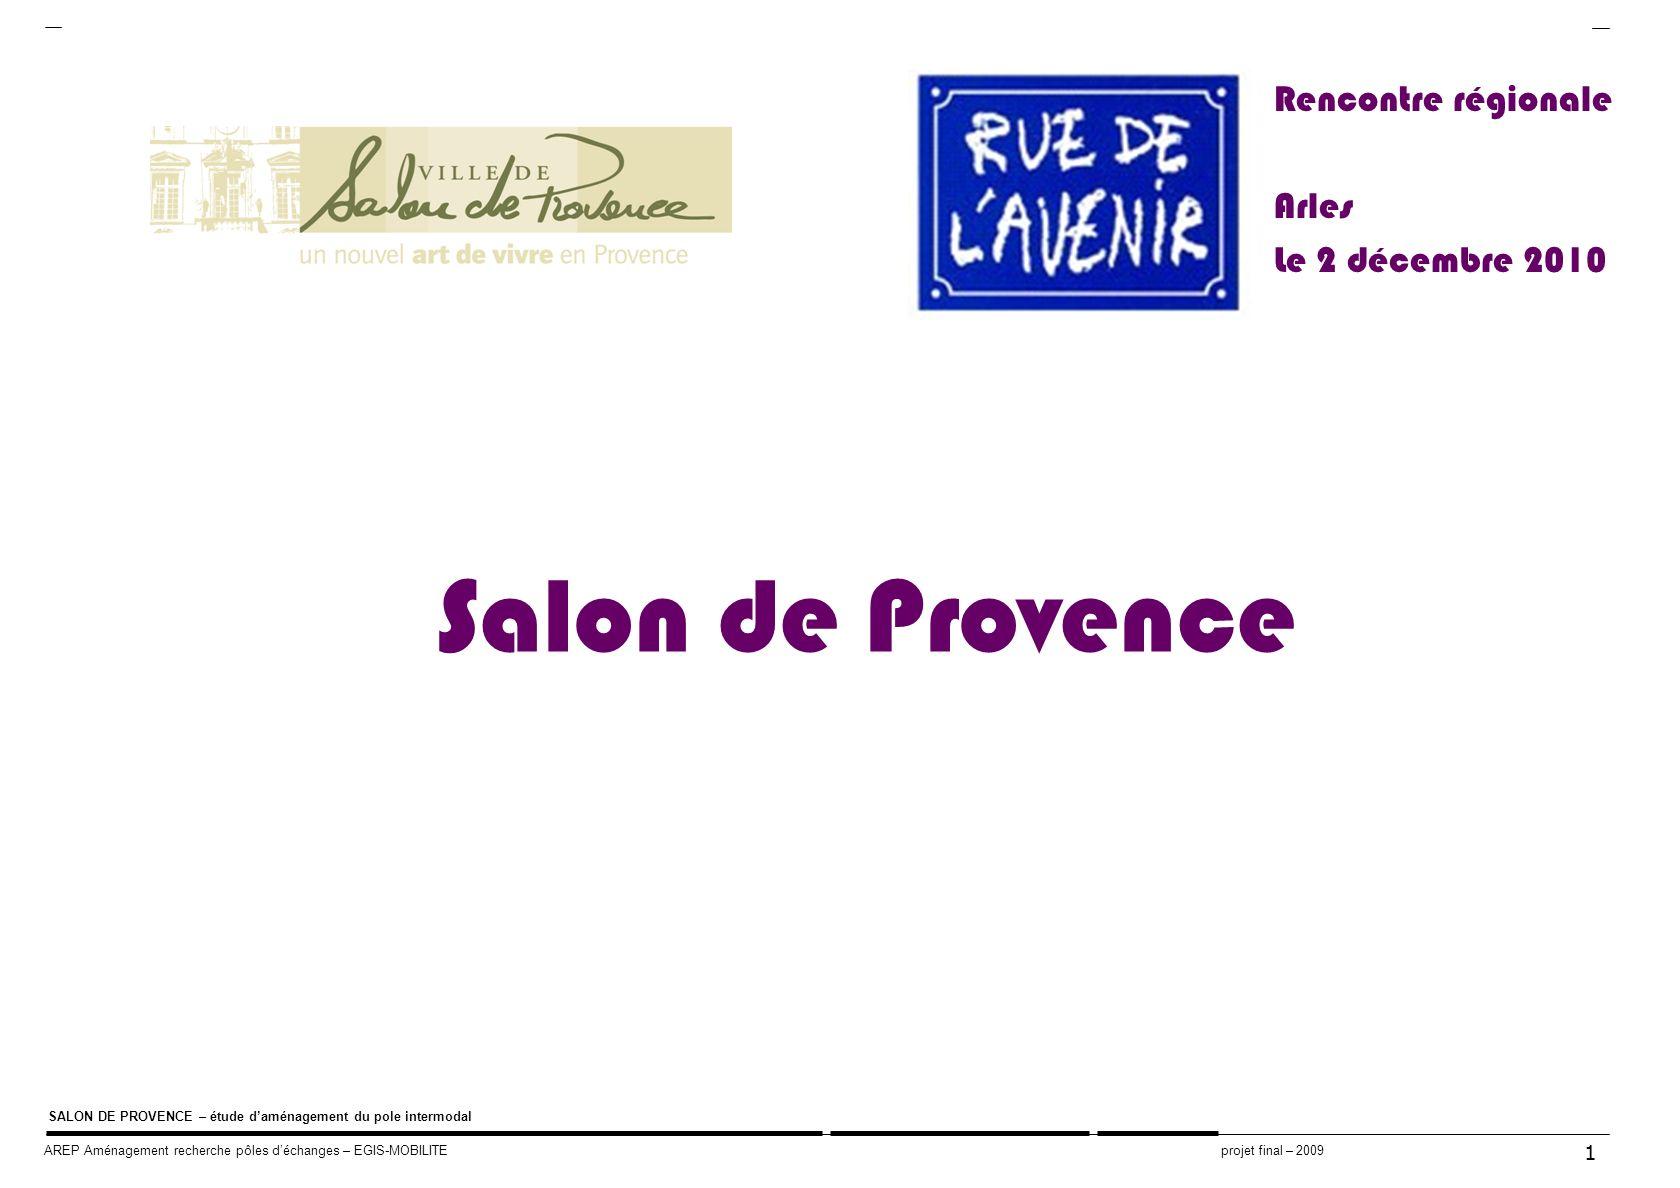 Rencontre régionale Arles Le 2 décembre 2010 Arles Salon de Provence